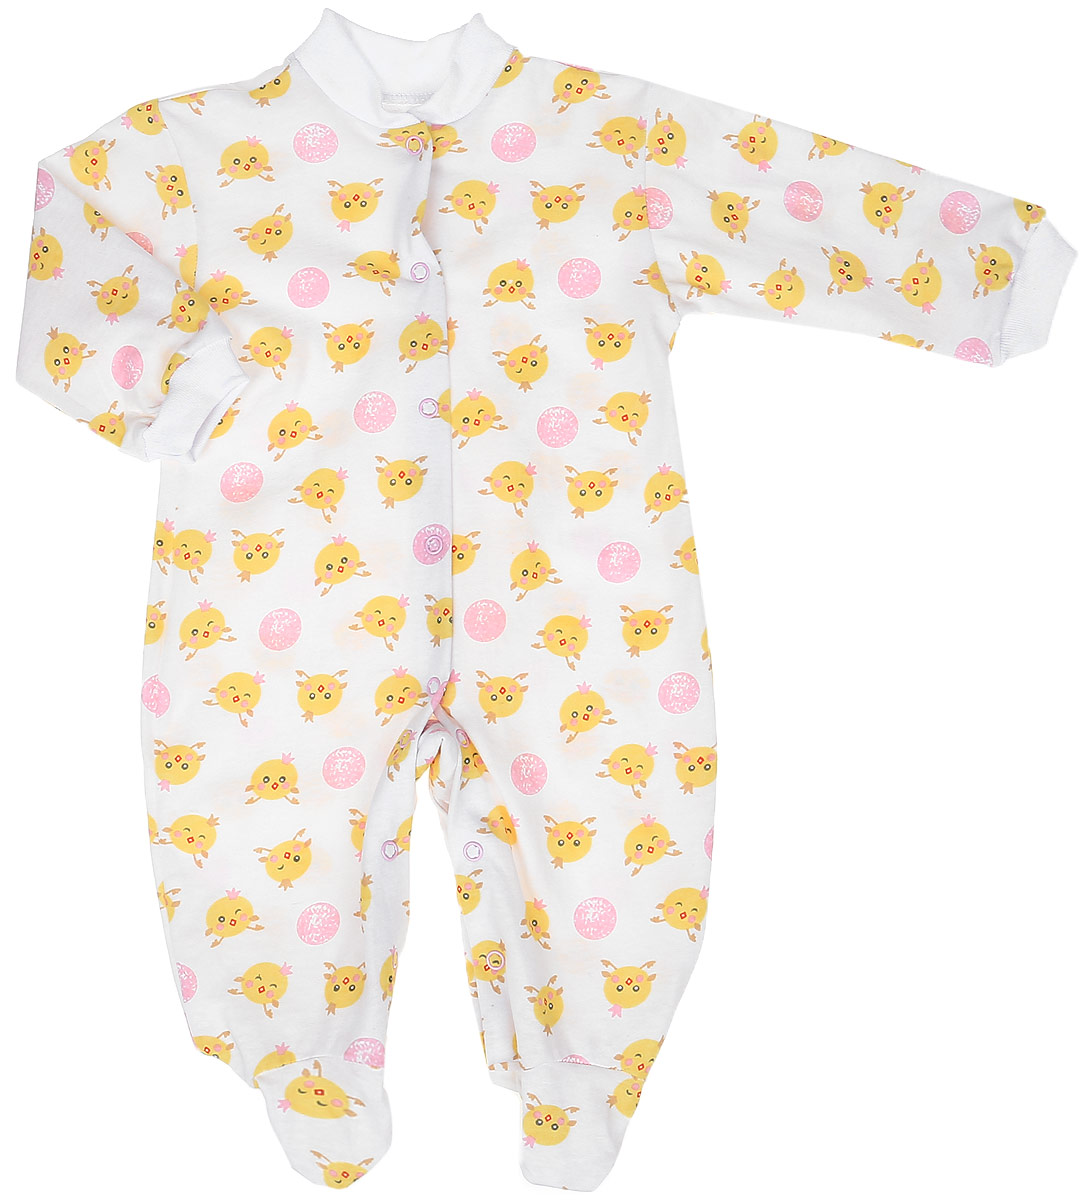 Комбинезон детский Чудесные одежки, цвет: белый, розовый. 5801. Размер 745801Удобный детский комбинезон Чудесные одежки выполнен из натурального хлопка.Комбинезон с небольшим воротником-стойкой, длинными рукавами и закрытыми ножками имеет застежки-кнопки спереди и на ластовице, которые помогают легко переодеть младенца или сменить подгузник. Воротничок и манжеты на рукавах выполнены из трикотажной эластичной резинки. Изделие оформлено принтом с изображением цыплят.